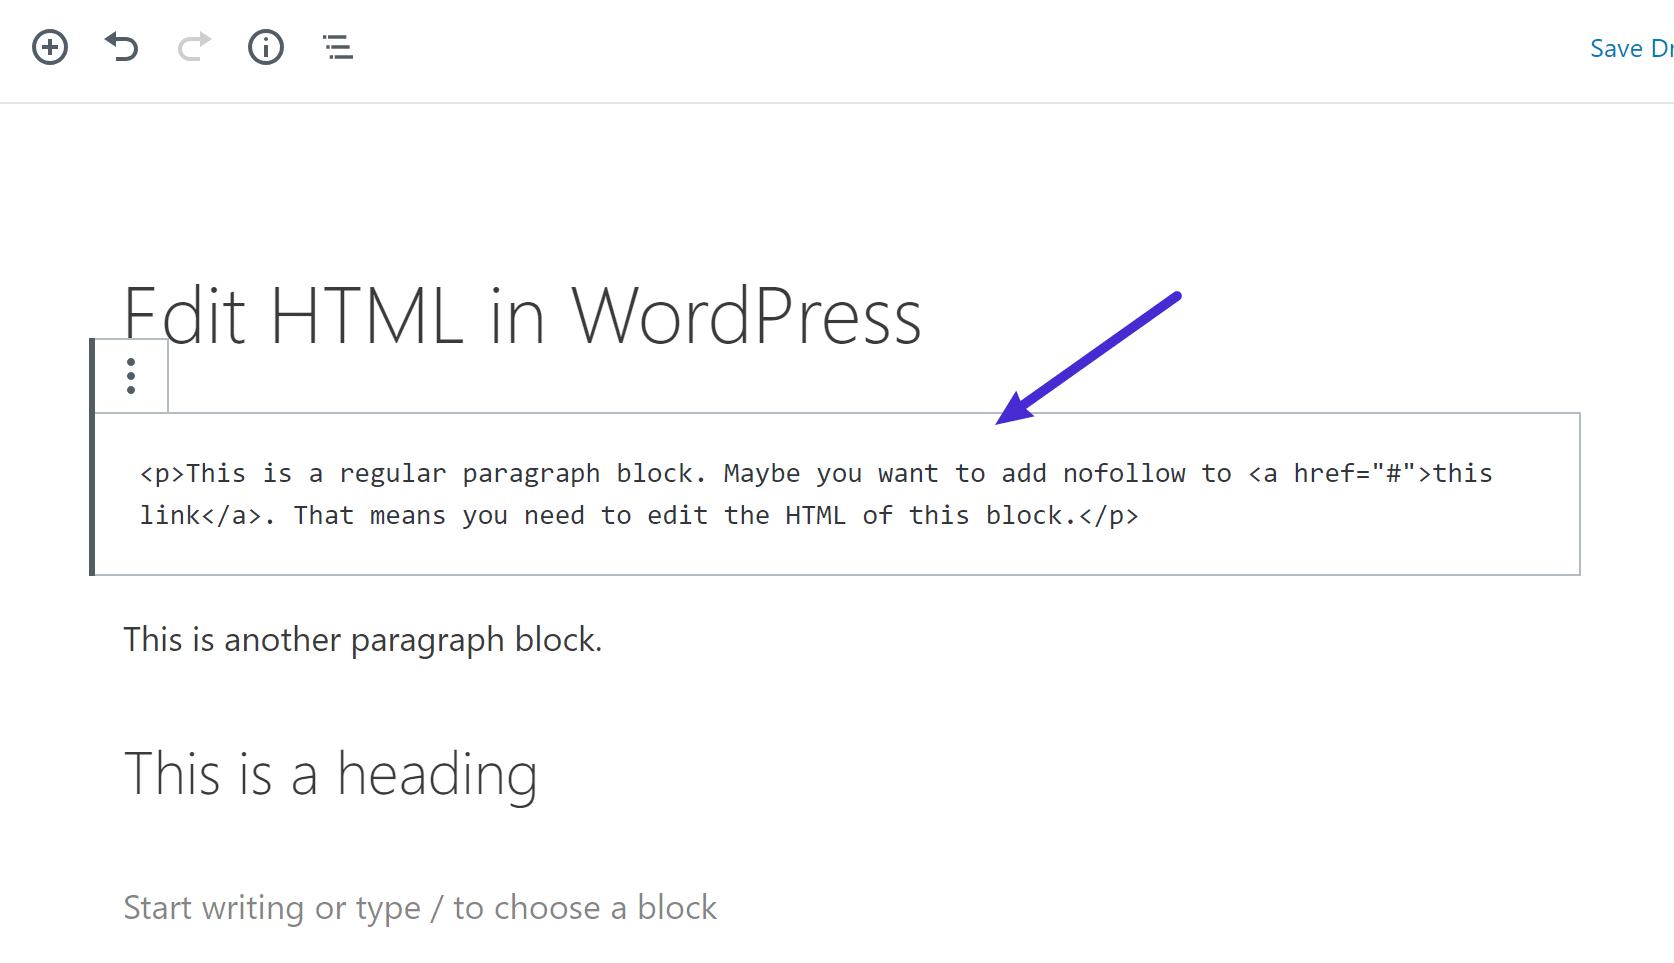 Beispiel für die Bearbeitung des HTML eines Blocks